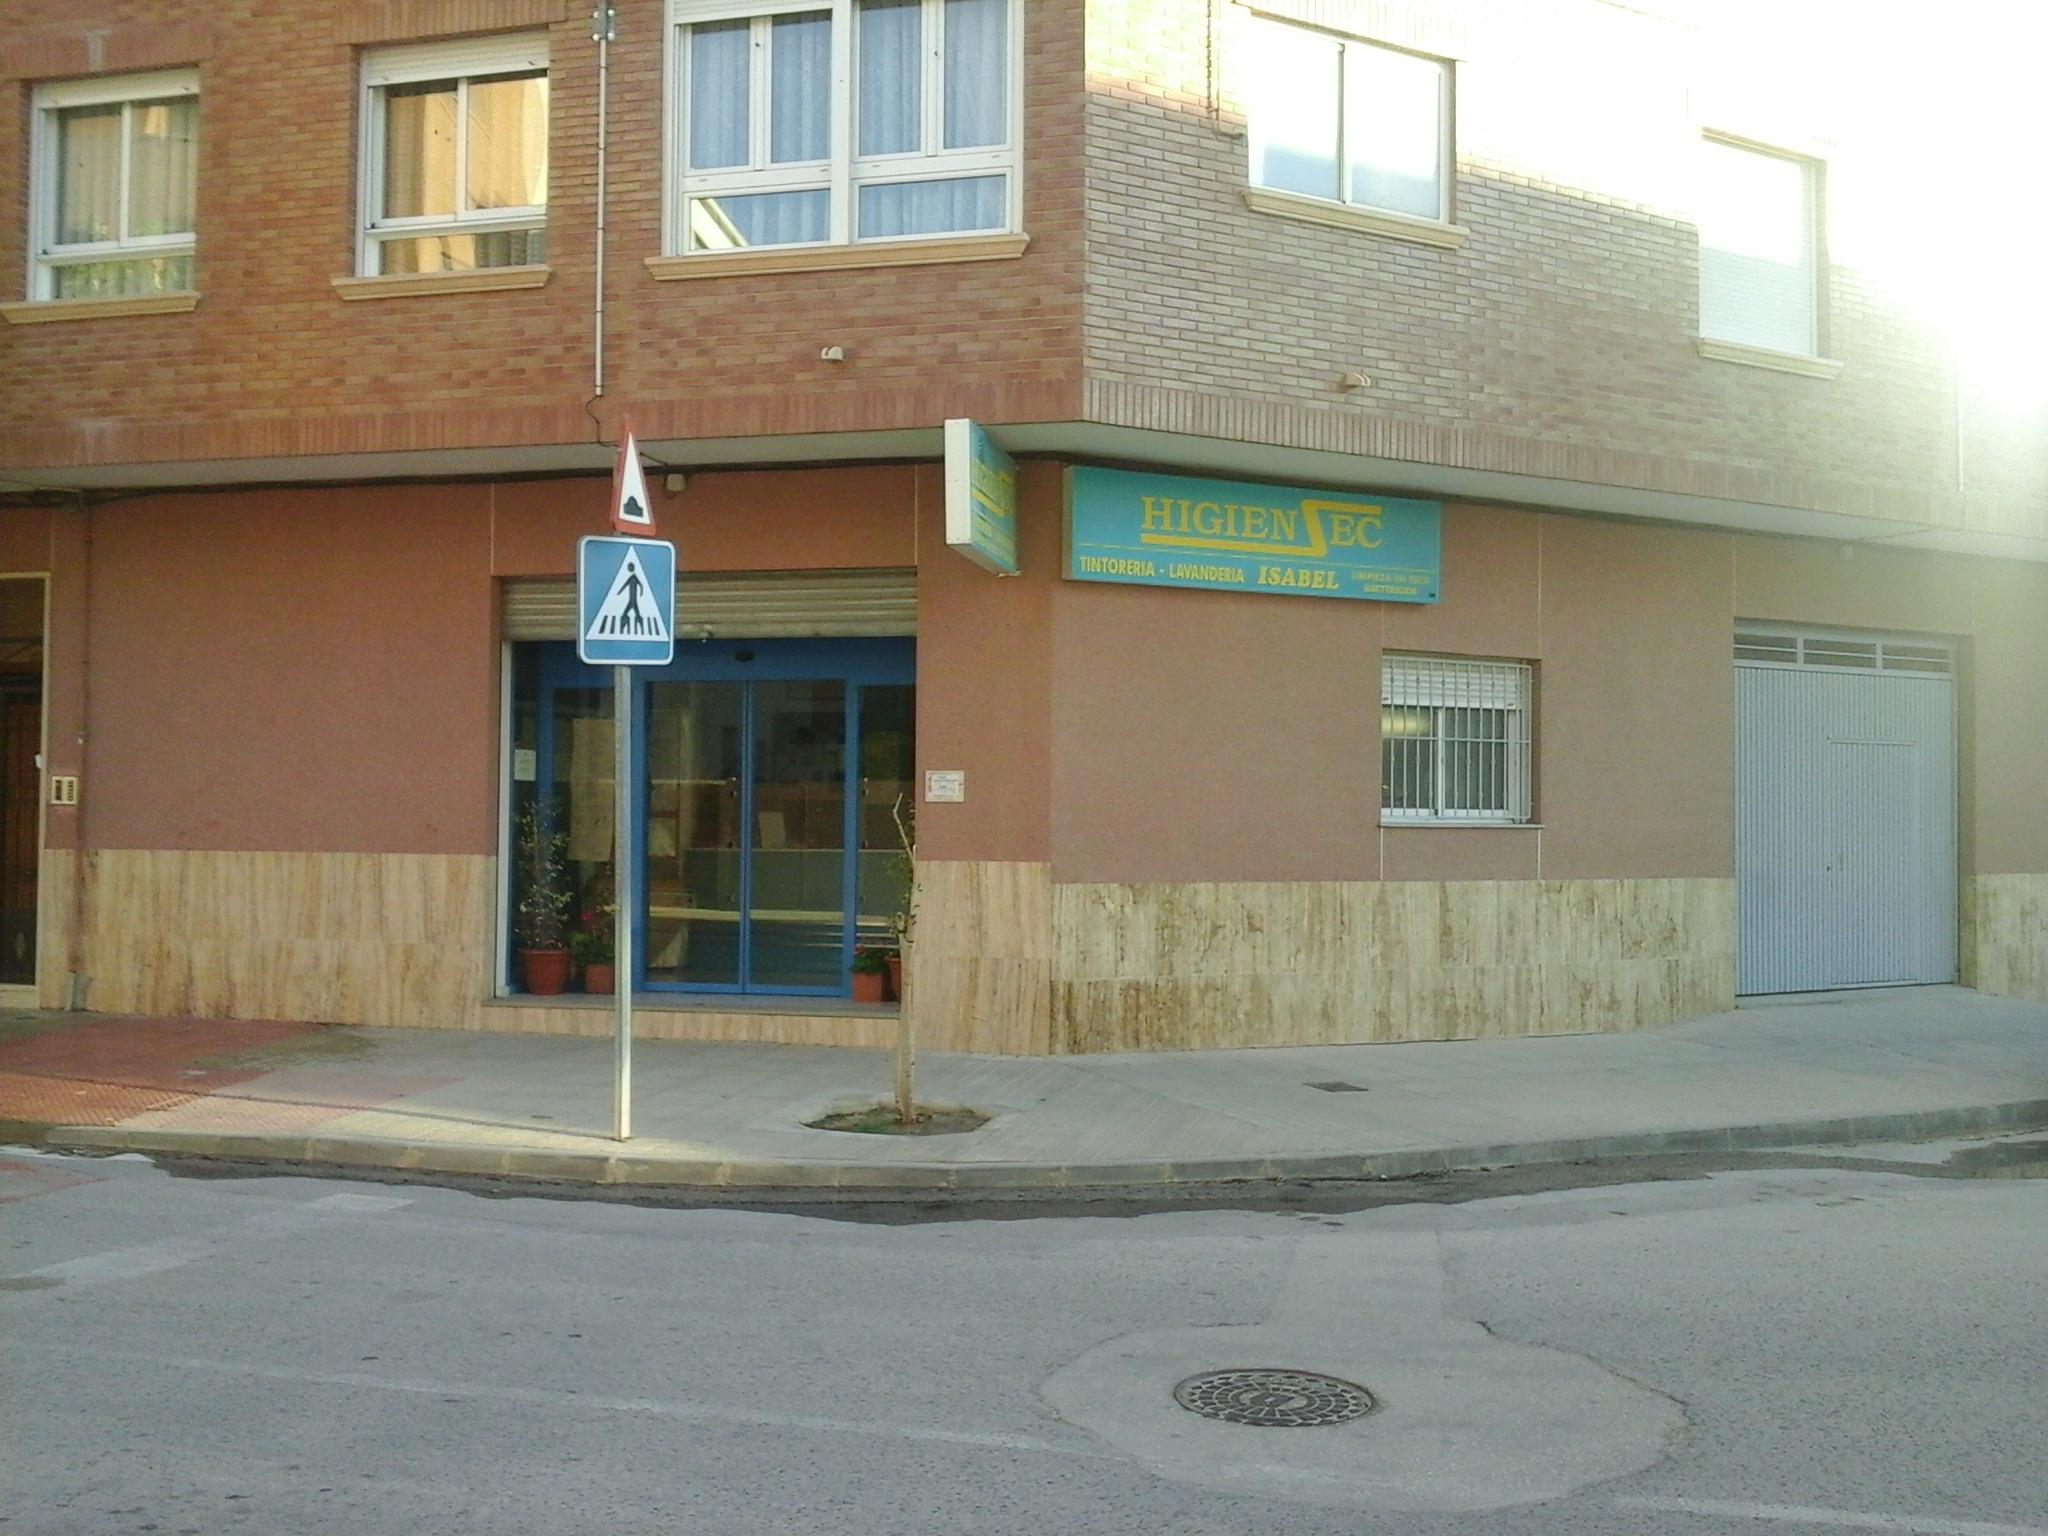 TINTORERÍA-LAVANDERÍA HIGIENSEC-ISABEL